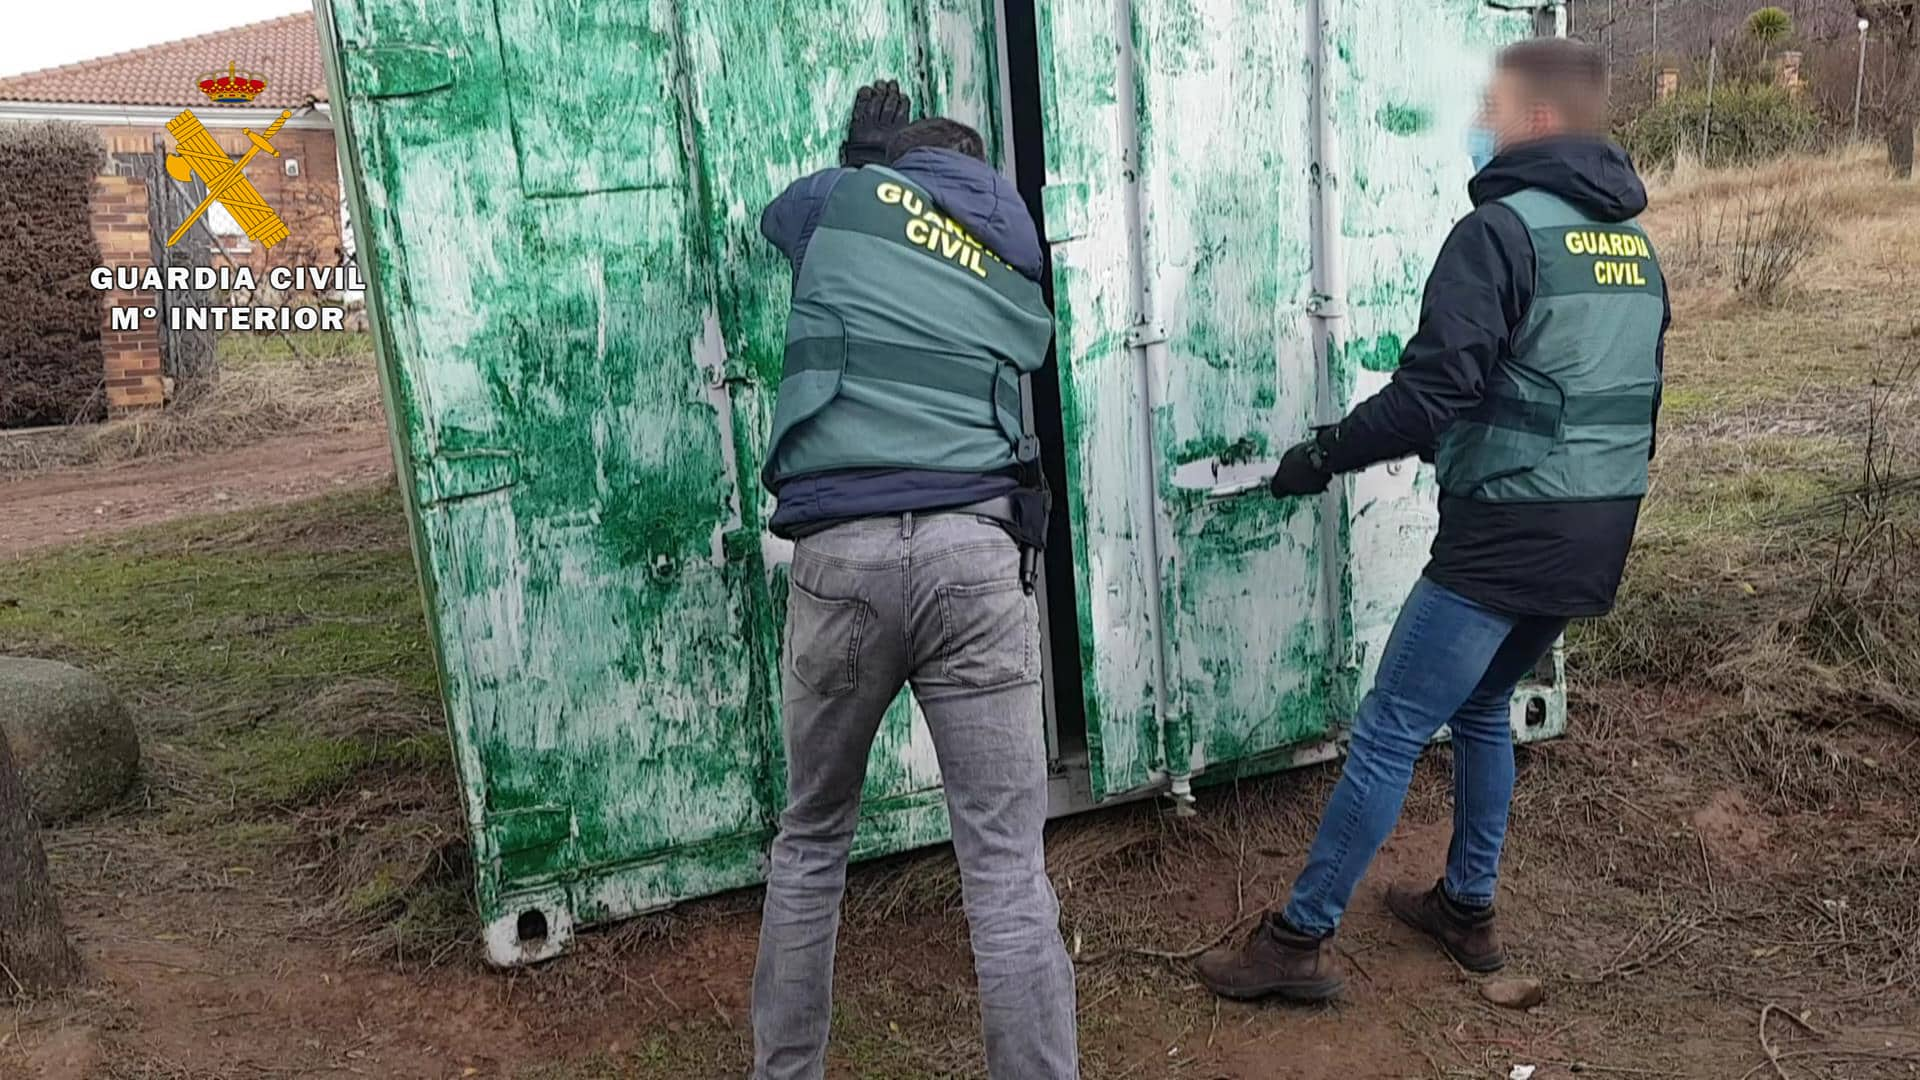 La Guardia Civil detiene al presunto autor del robo de varios contenedores en La Rioja 1